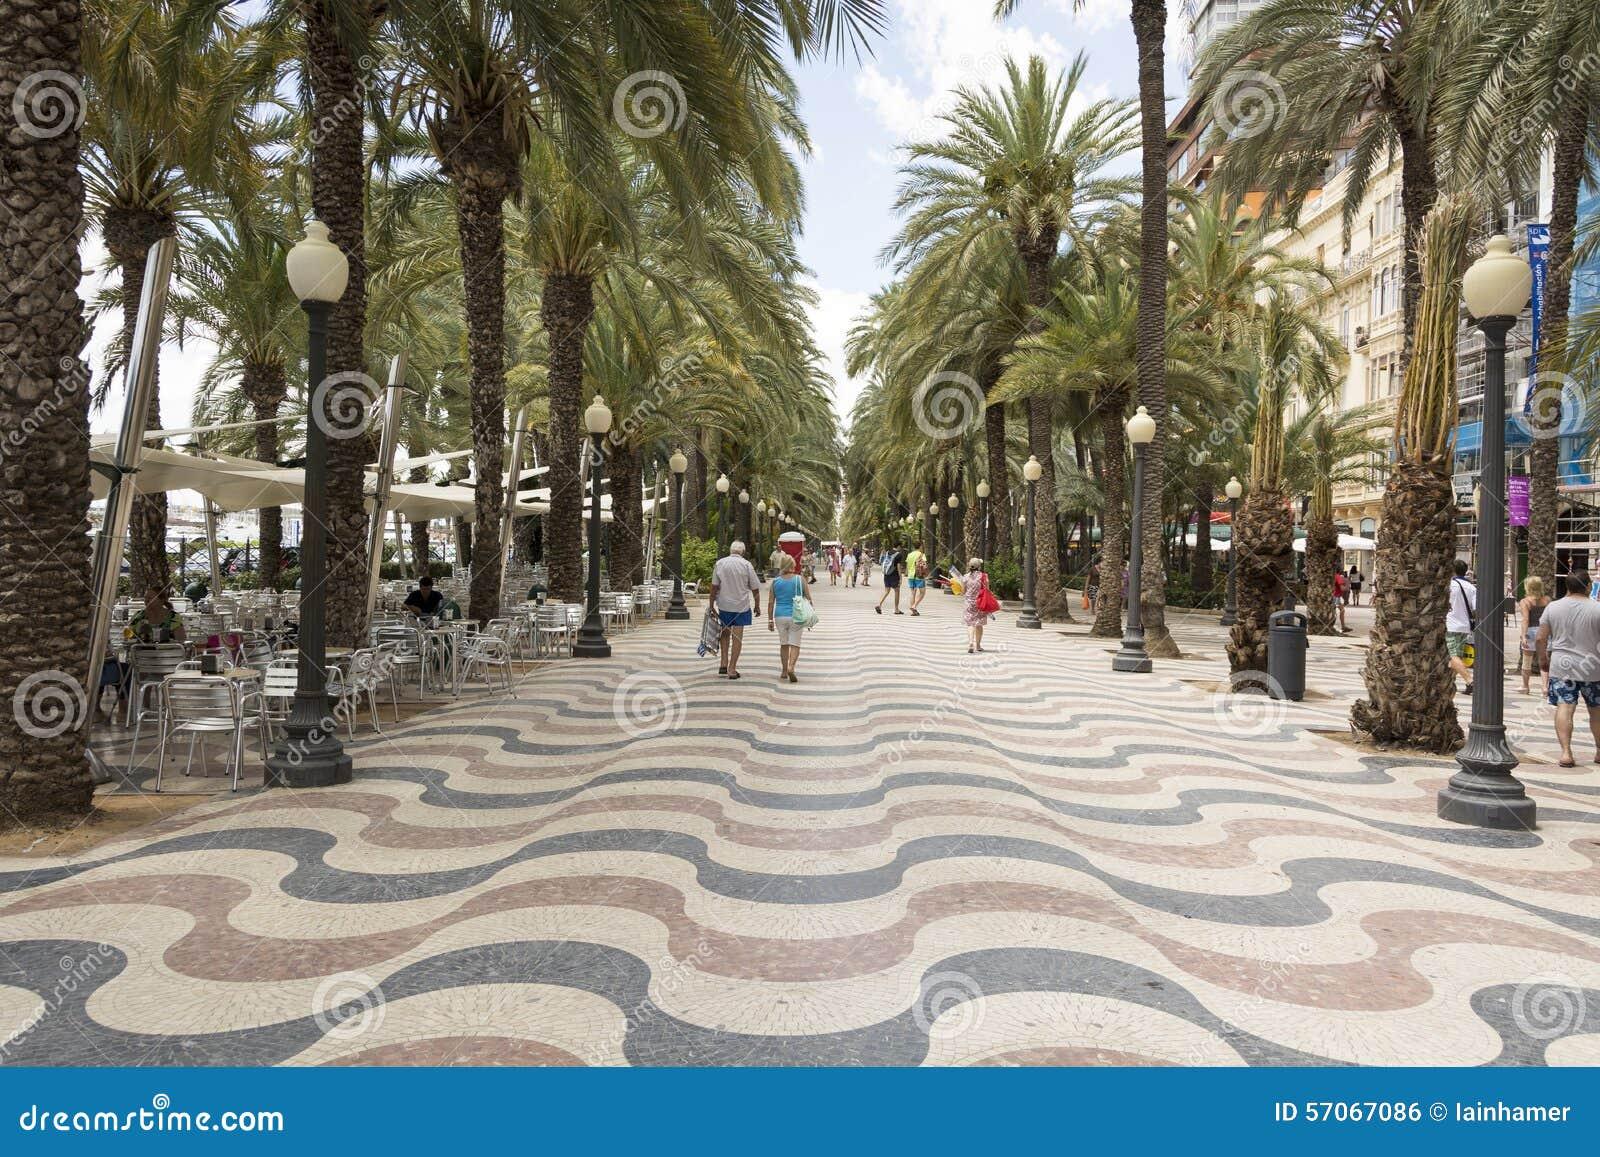 De straat van Alicante